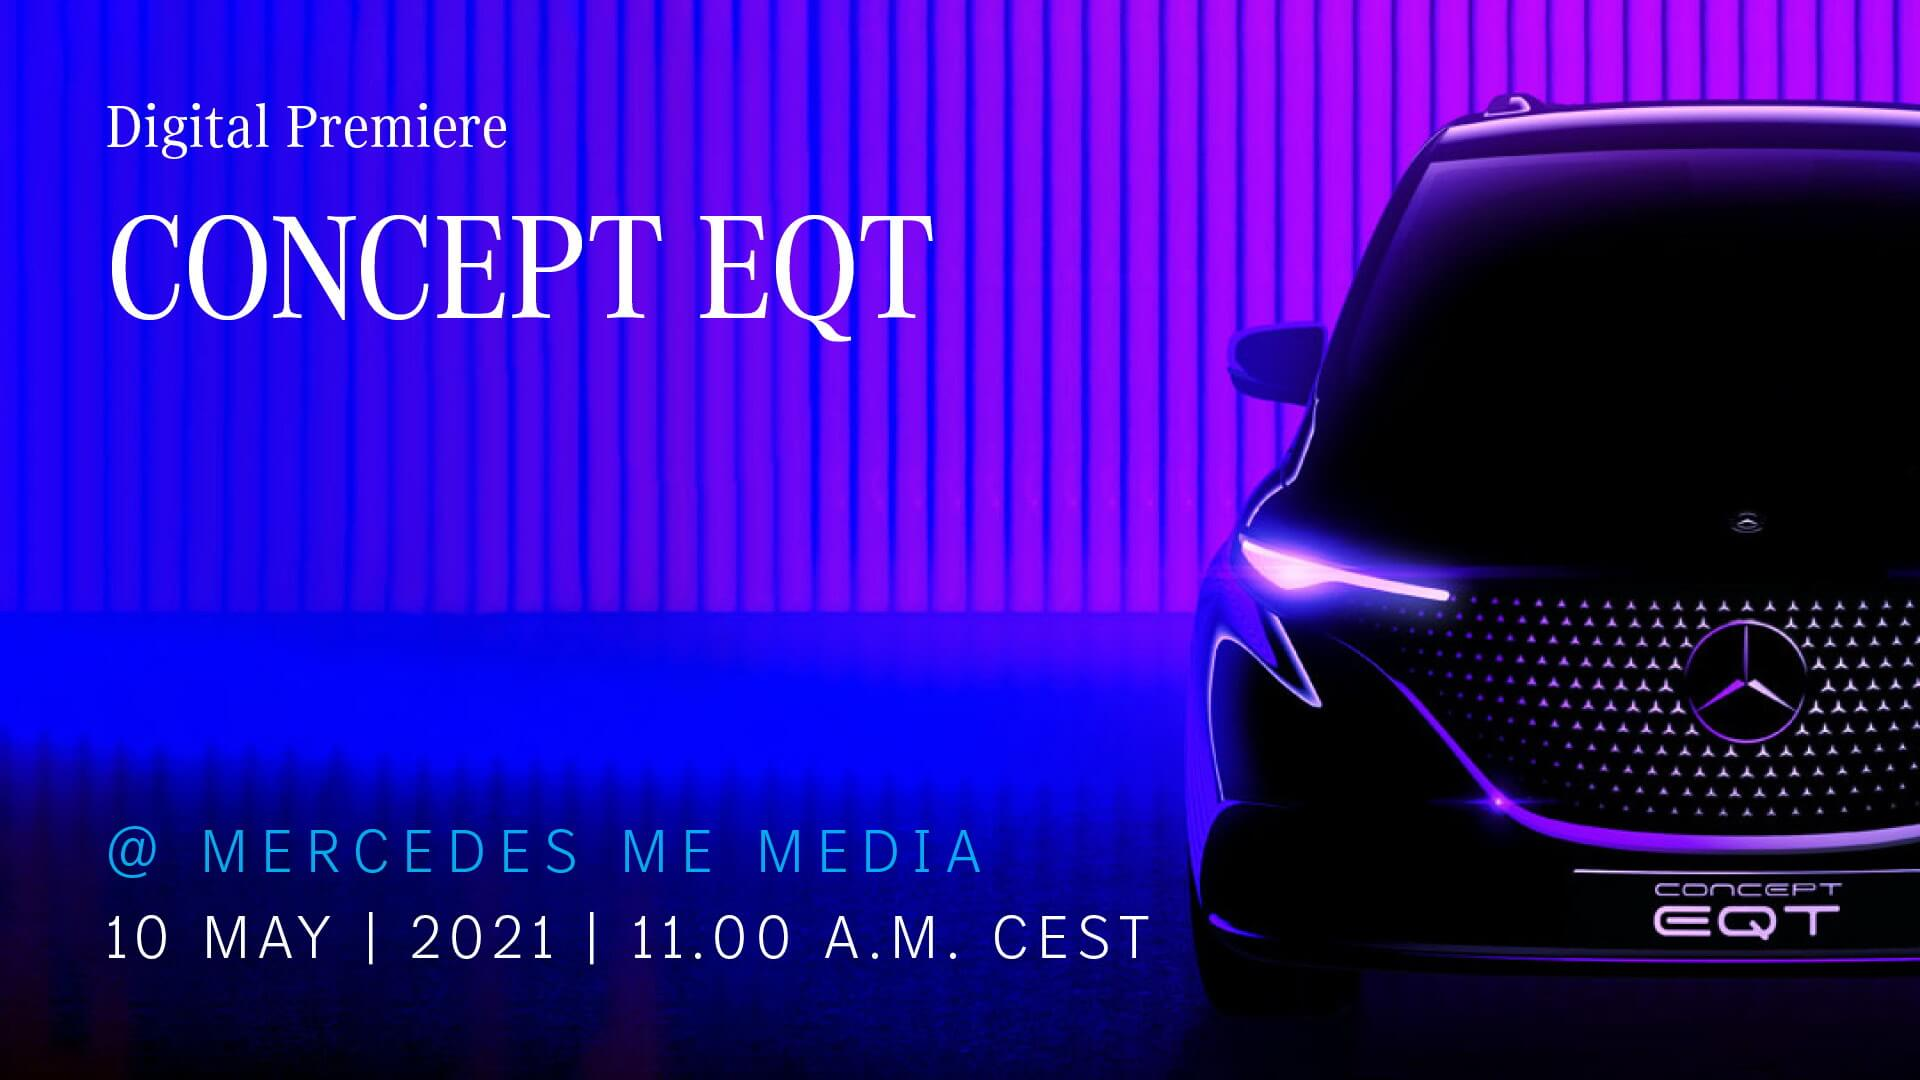 Mercedes-Benz дразнит тизером фургона EQT перед премьерой 10 мая